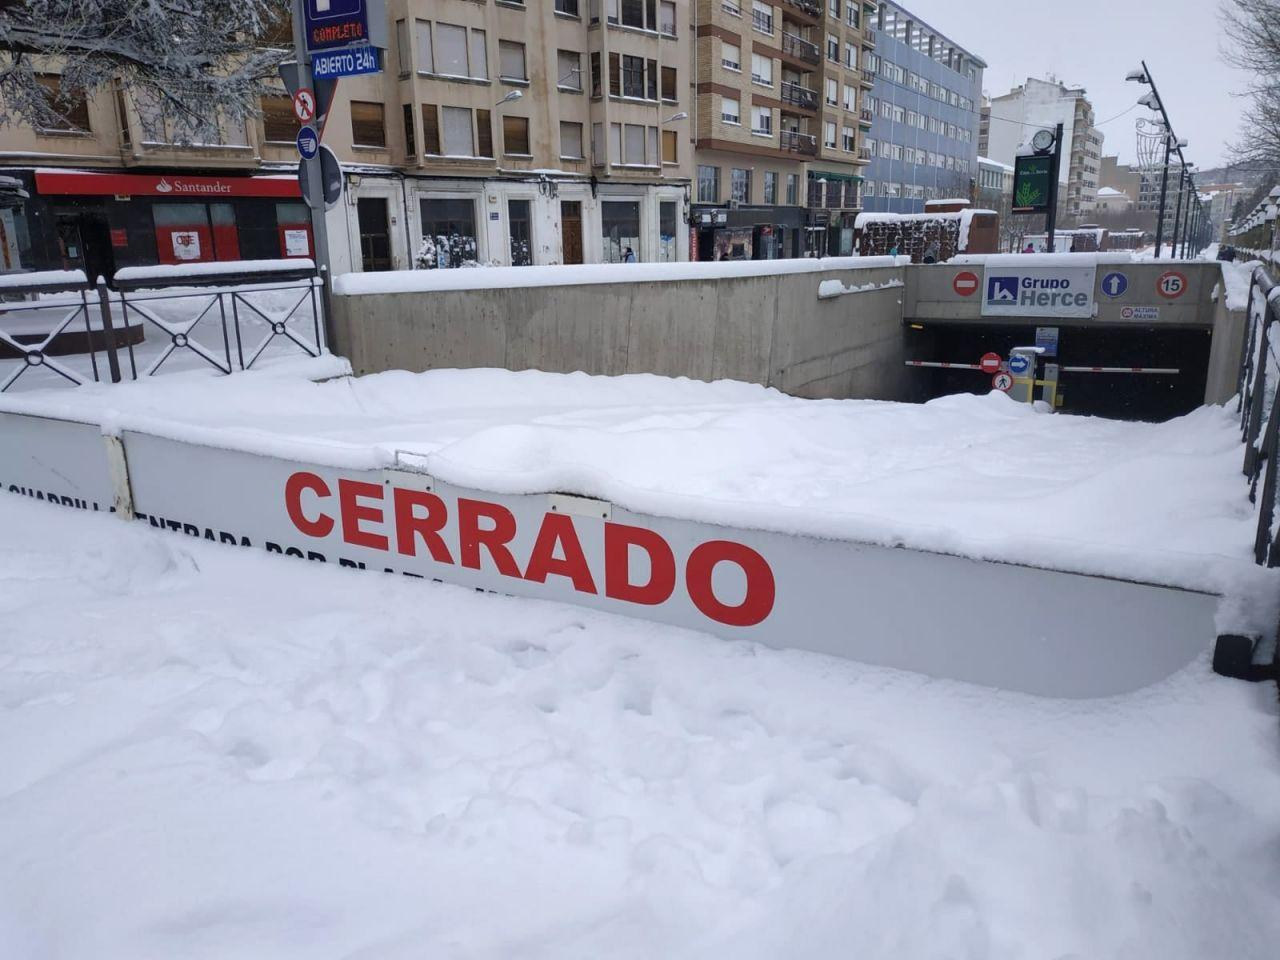 Estas son algunas de las estampas que hemos podido ver en nuestra ciudad a lo largo del día. A falta de estaciones, los esquiadores toman las calles.